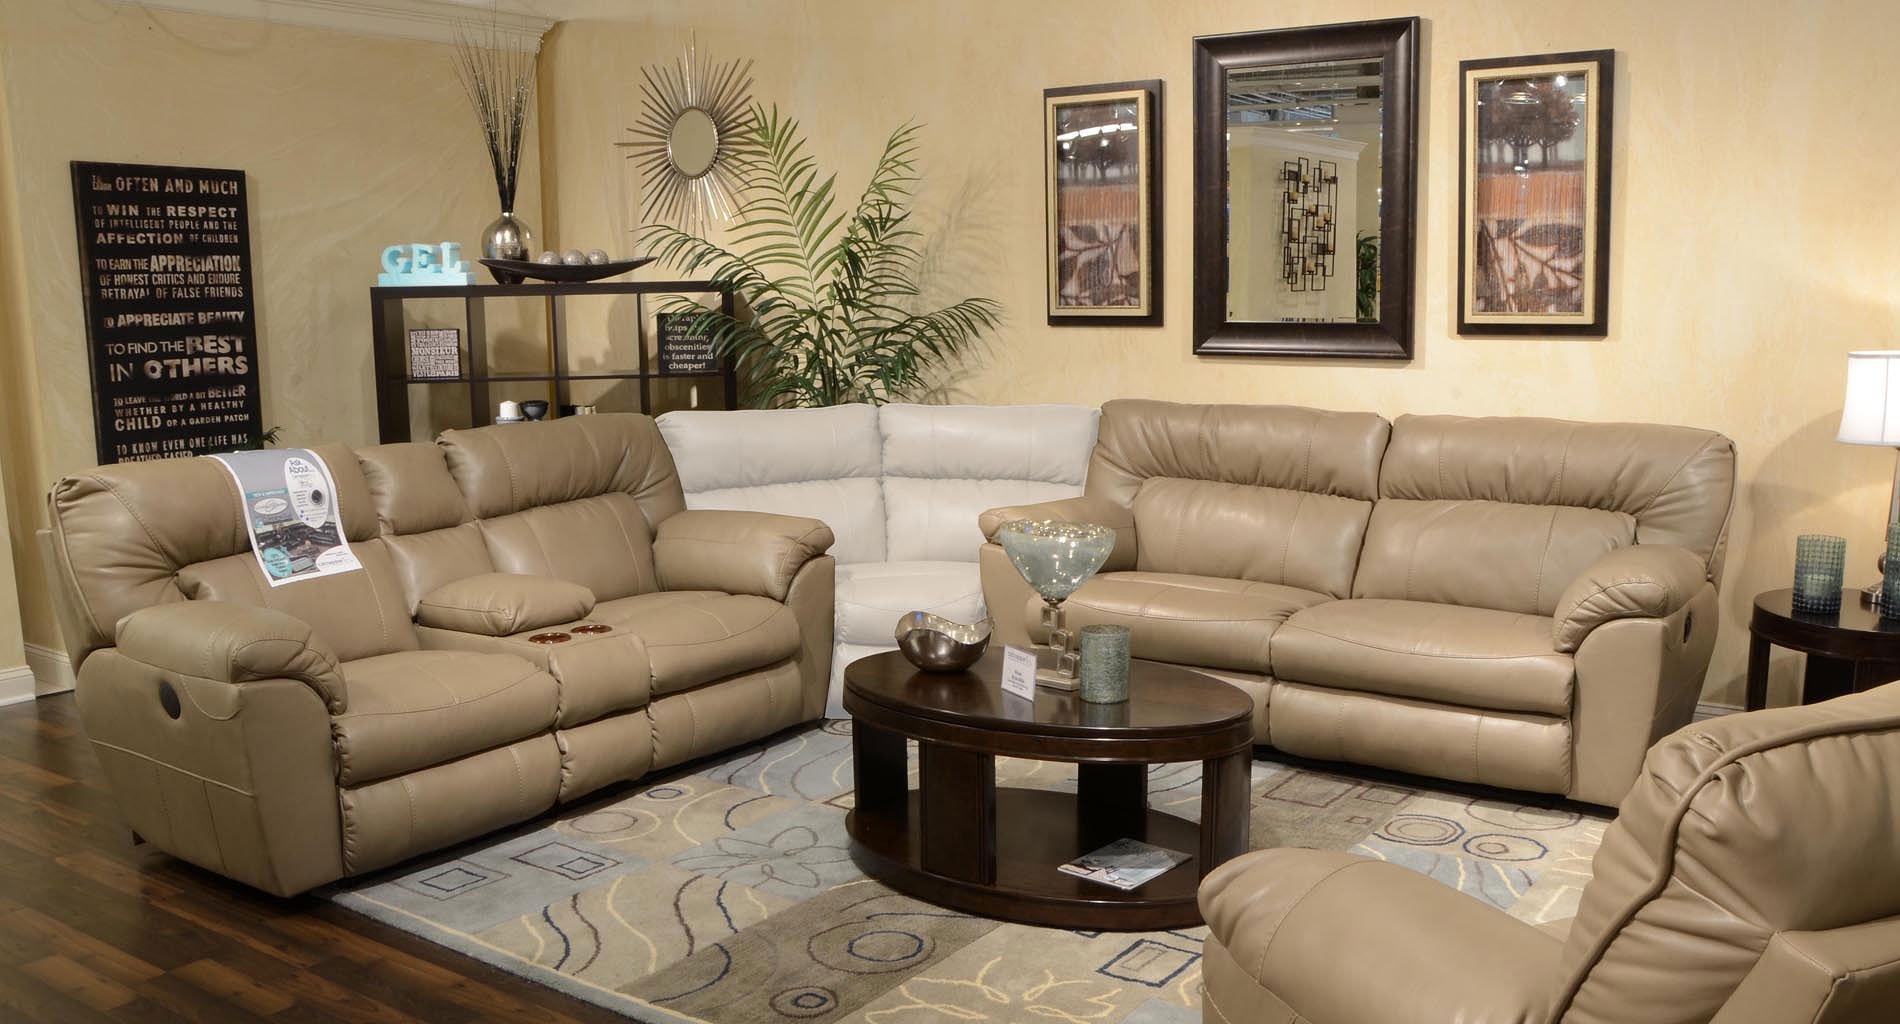 Catnapper Nolan Living Room Set